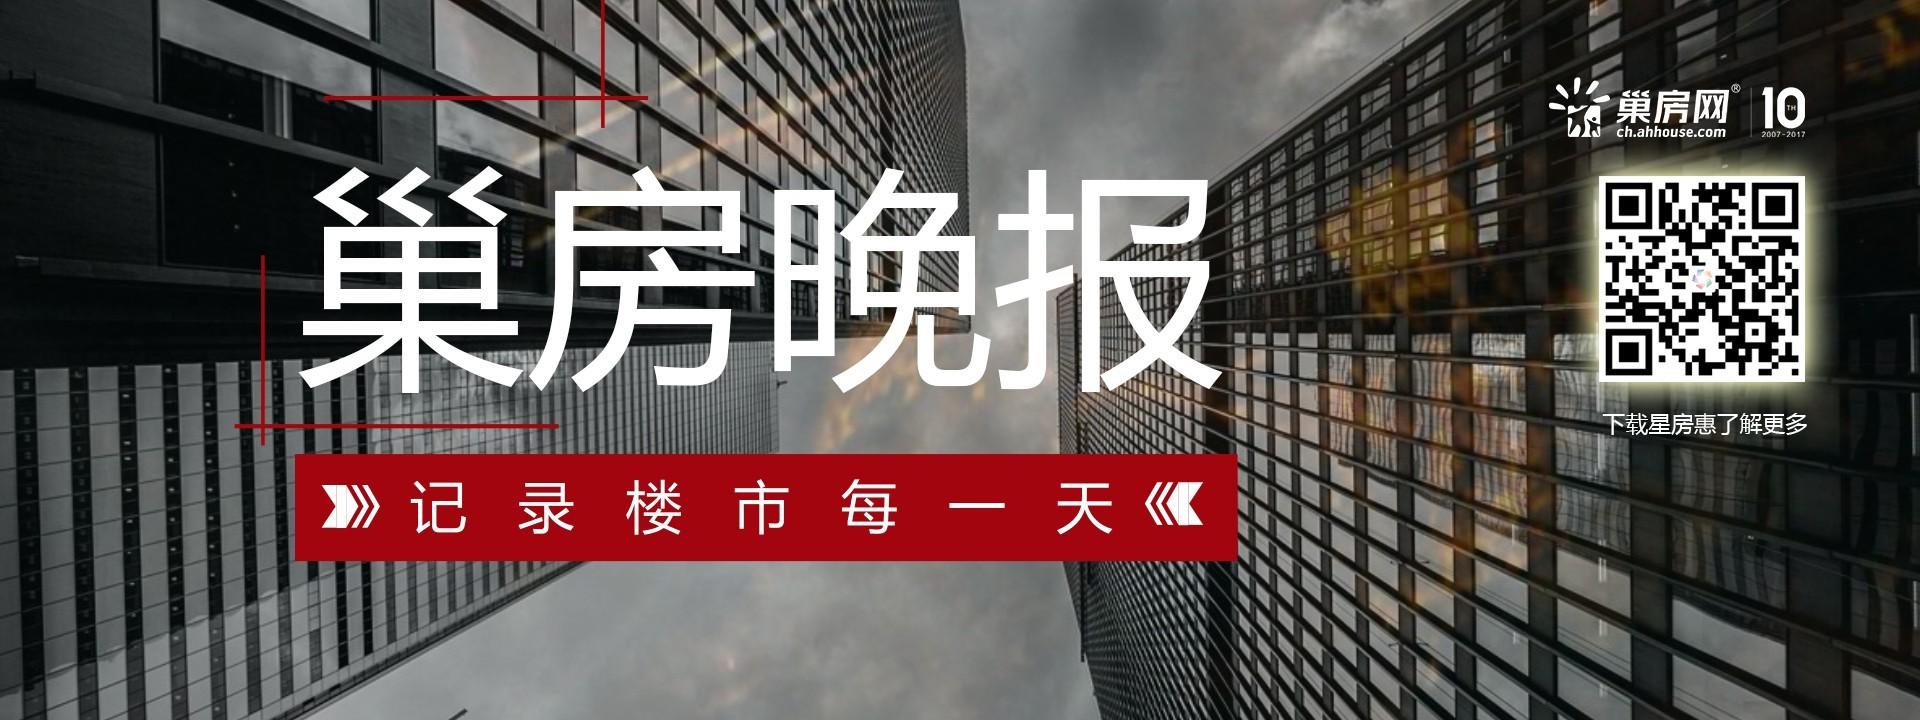 8月24日巢房网新闻晚报:巢湖市4大精品小区规划出炉